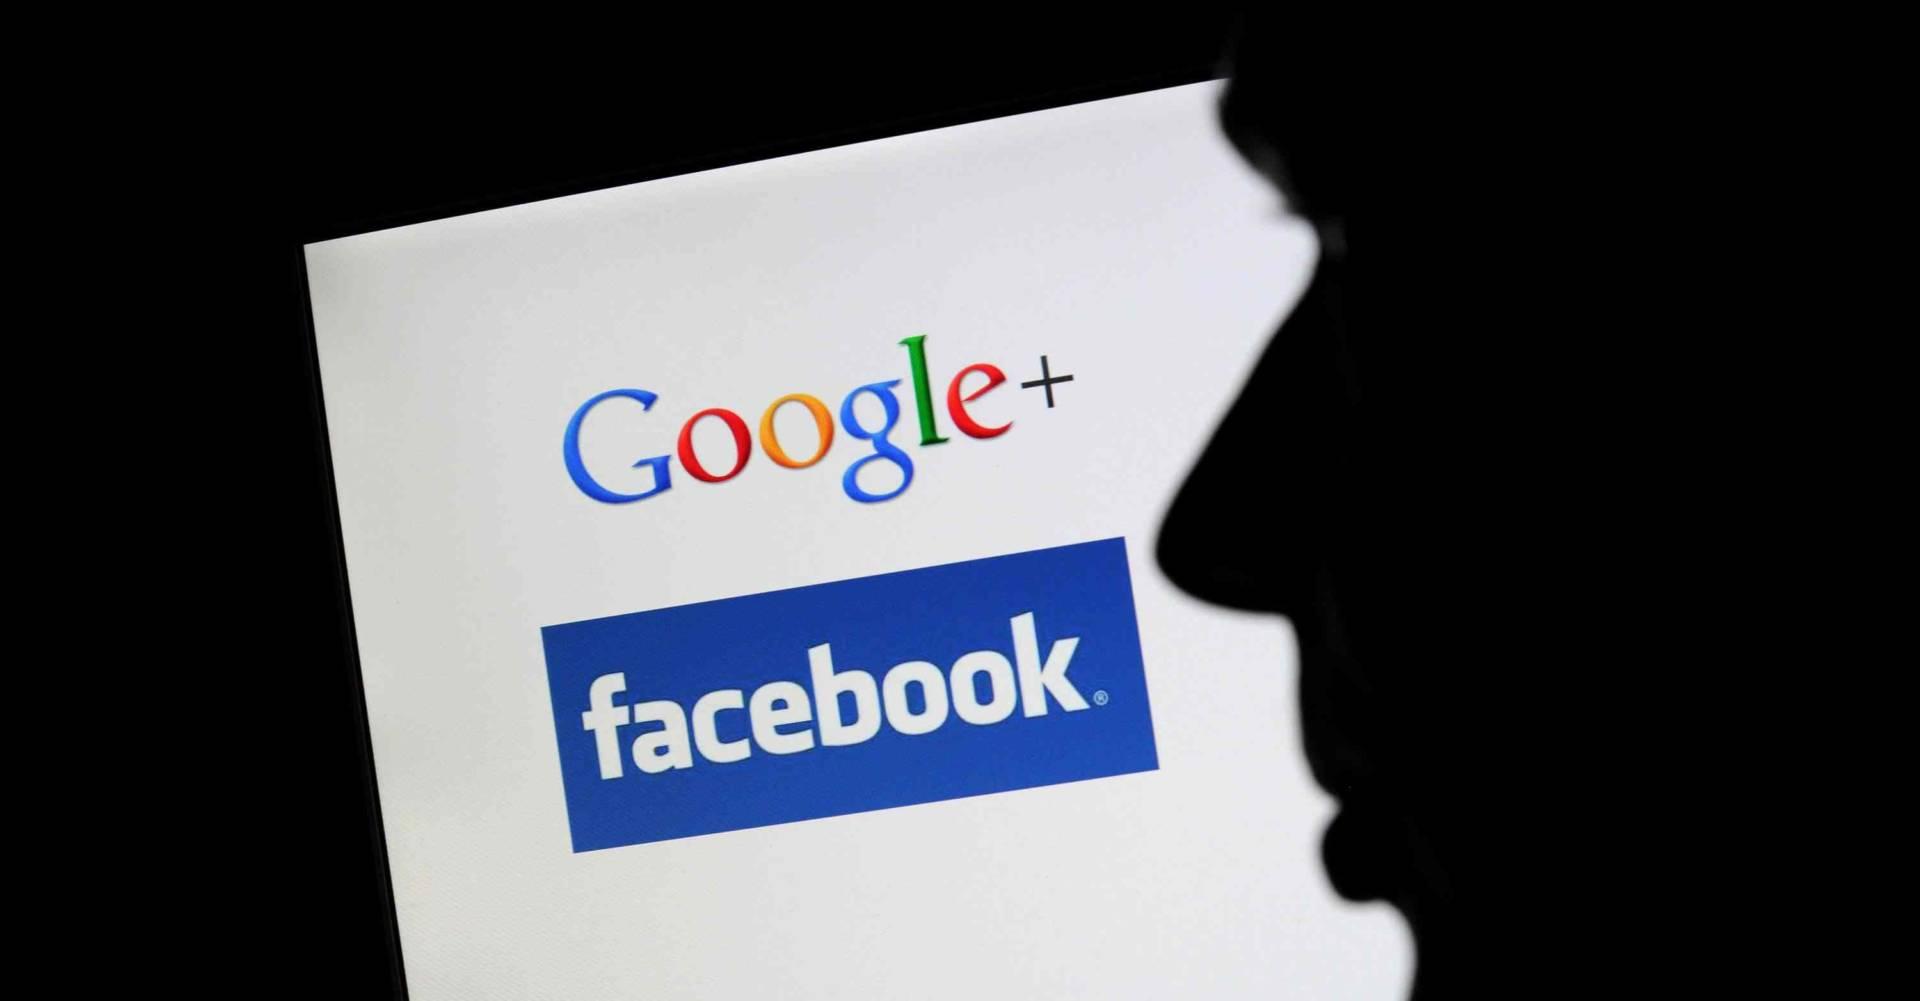 Marchio più influente del 2019: Google sul podio, male Facebook